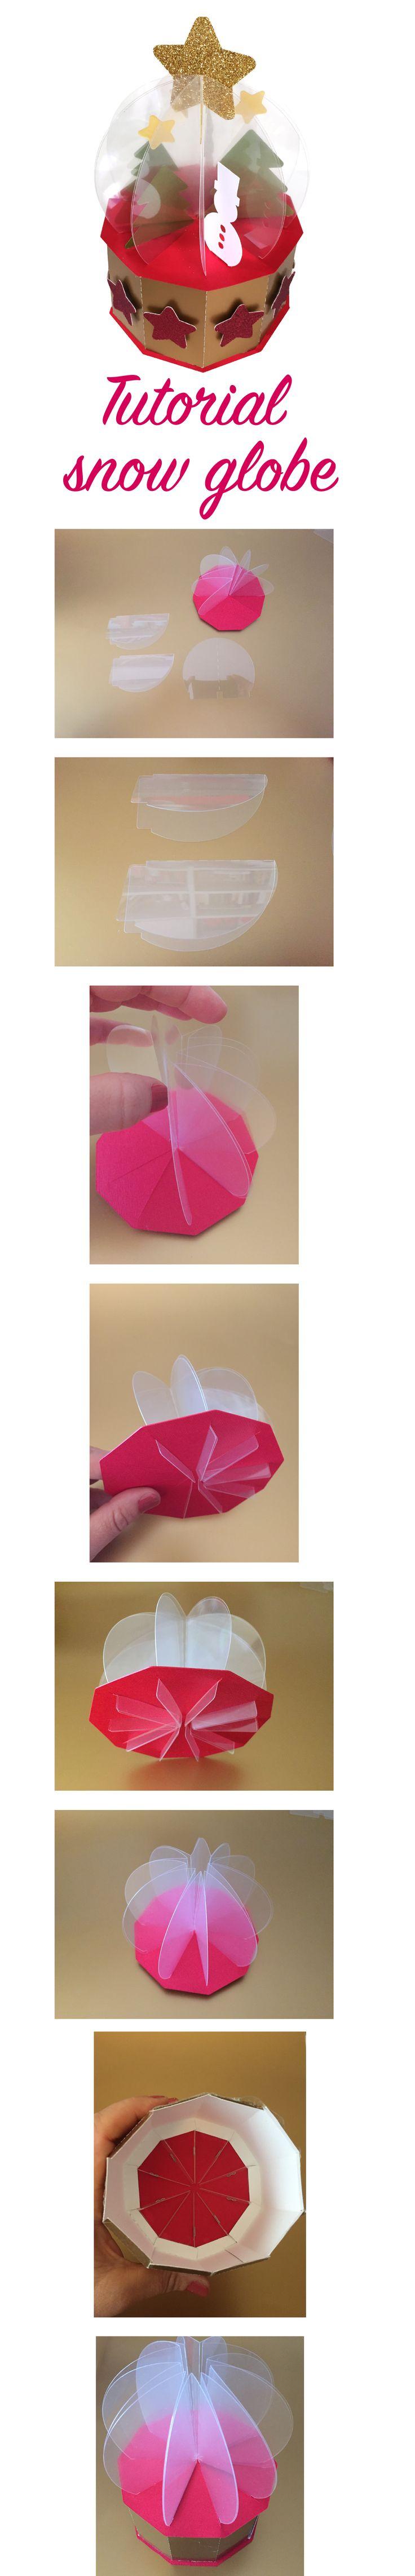 Palla di neve - Flavir Design di Daniela Moscone